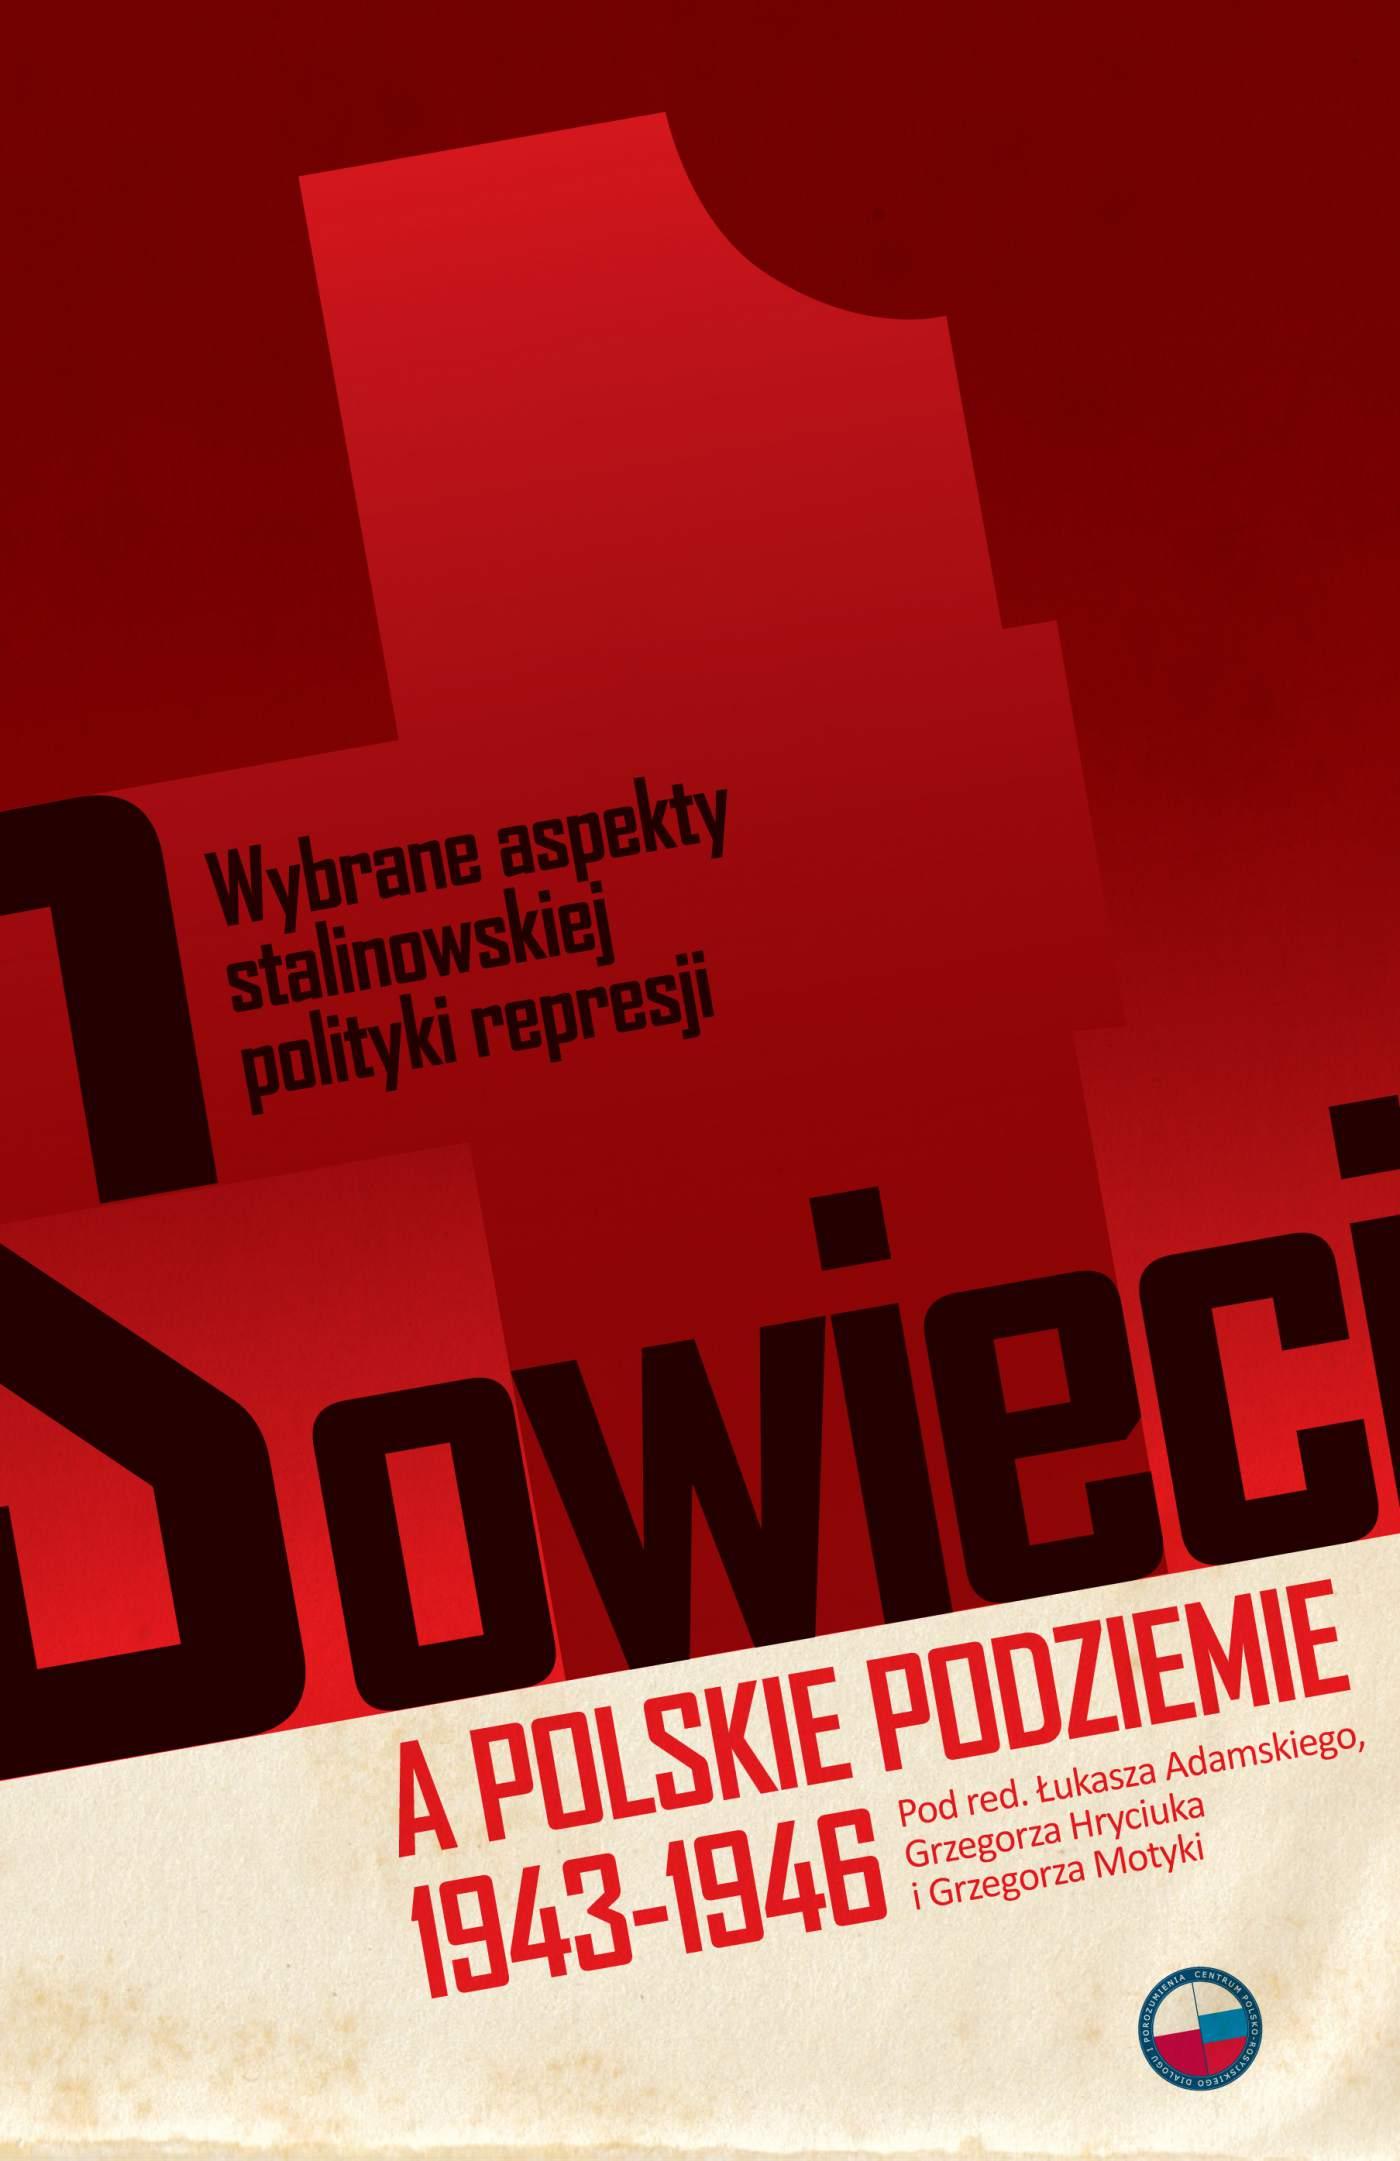 Sowieci a polskie podziemie 1943-1946 - Ebook (Książka EPUB) do pobrania w formacie EPUB